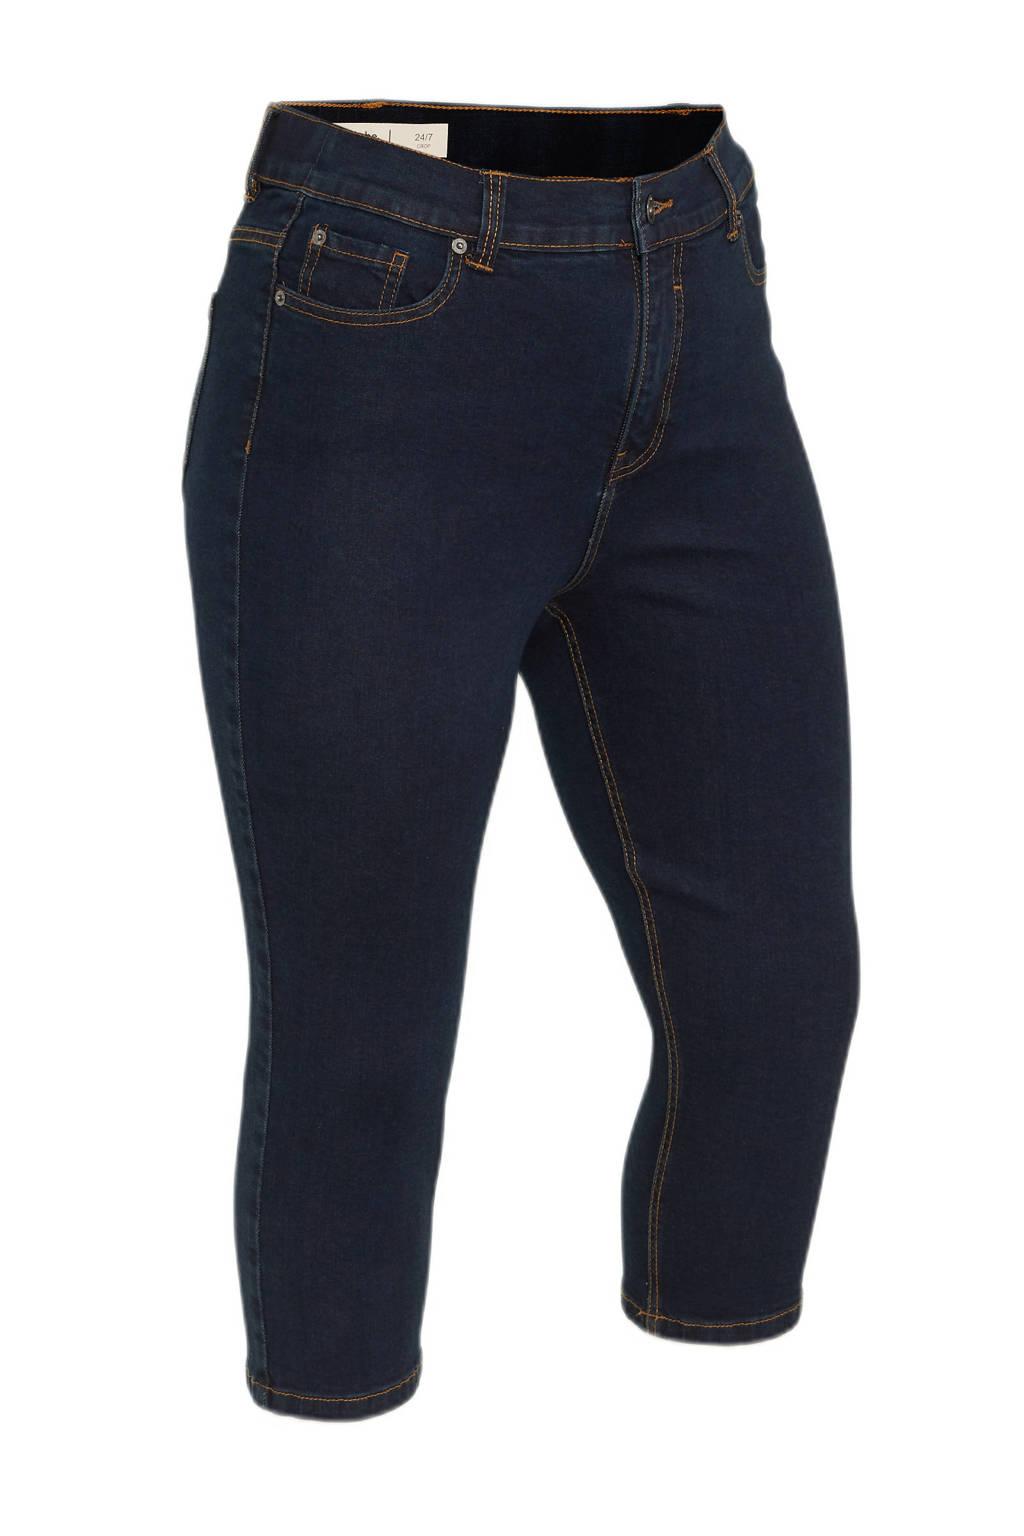 Simply Be high waist skinny capri jeans 24/7 dark denim, Dark denim